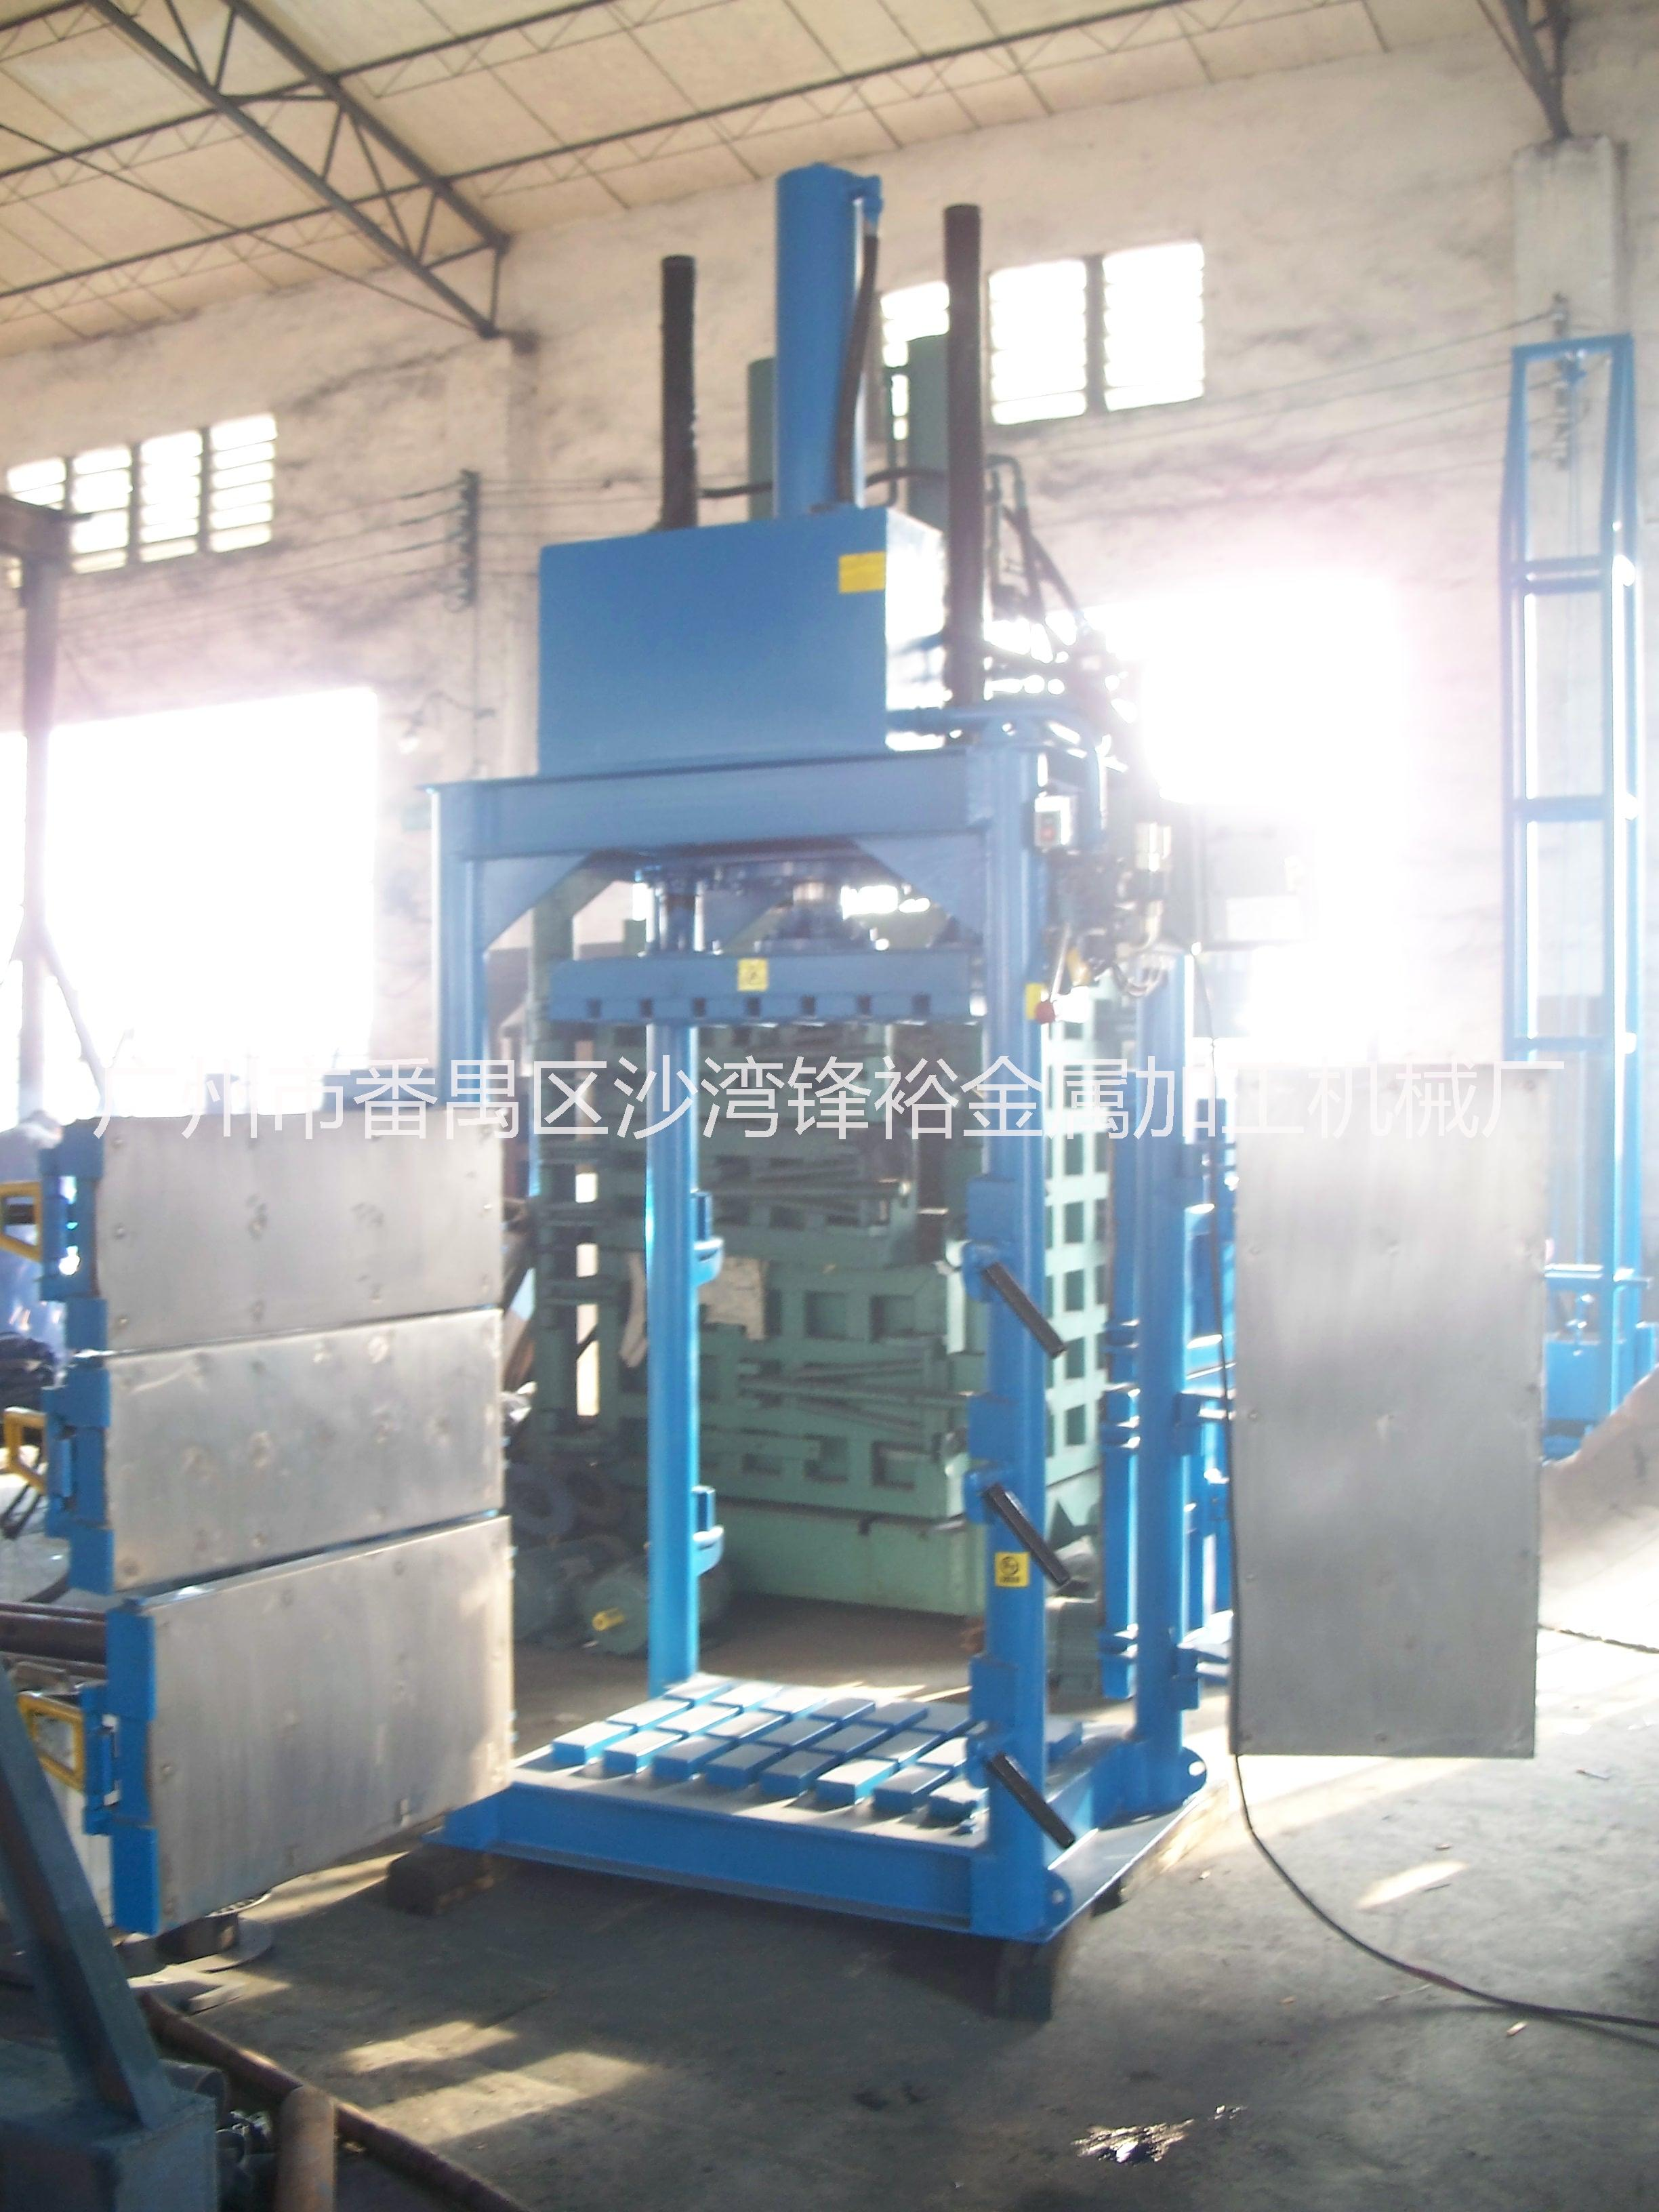 液压打包机使用说明一,安装步骤本机必须平稳放在混凝土上,基础视